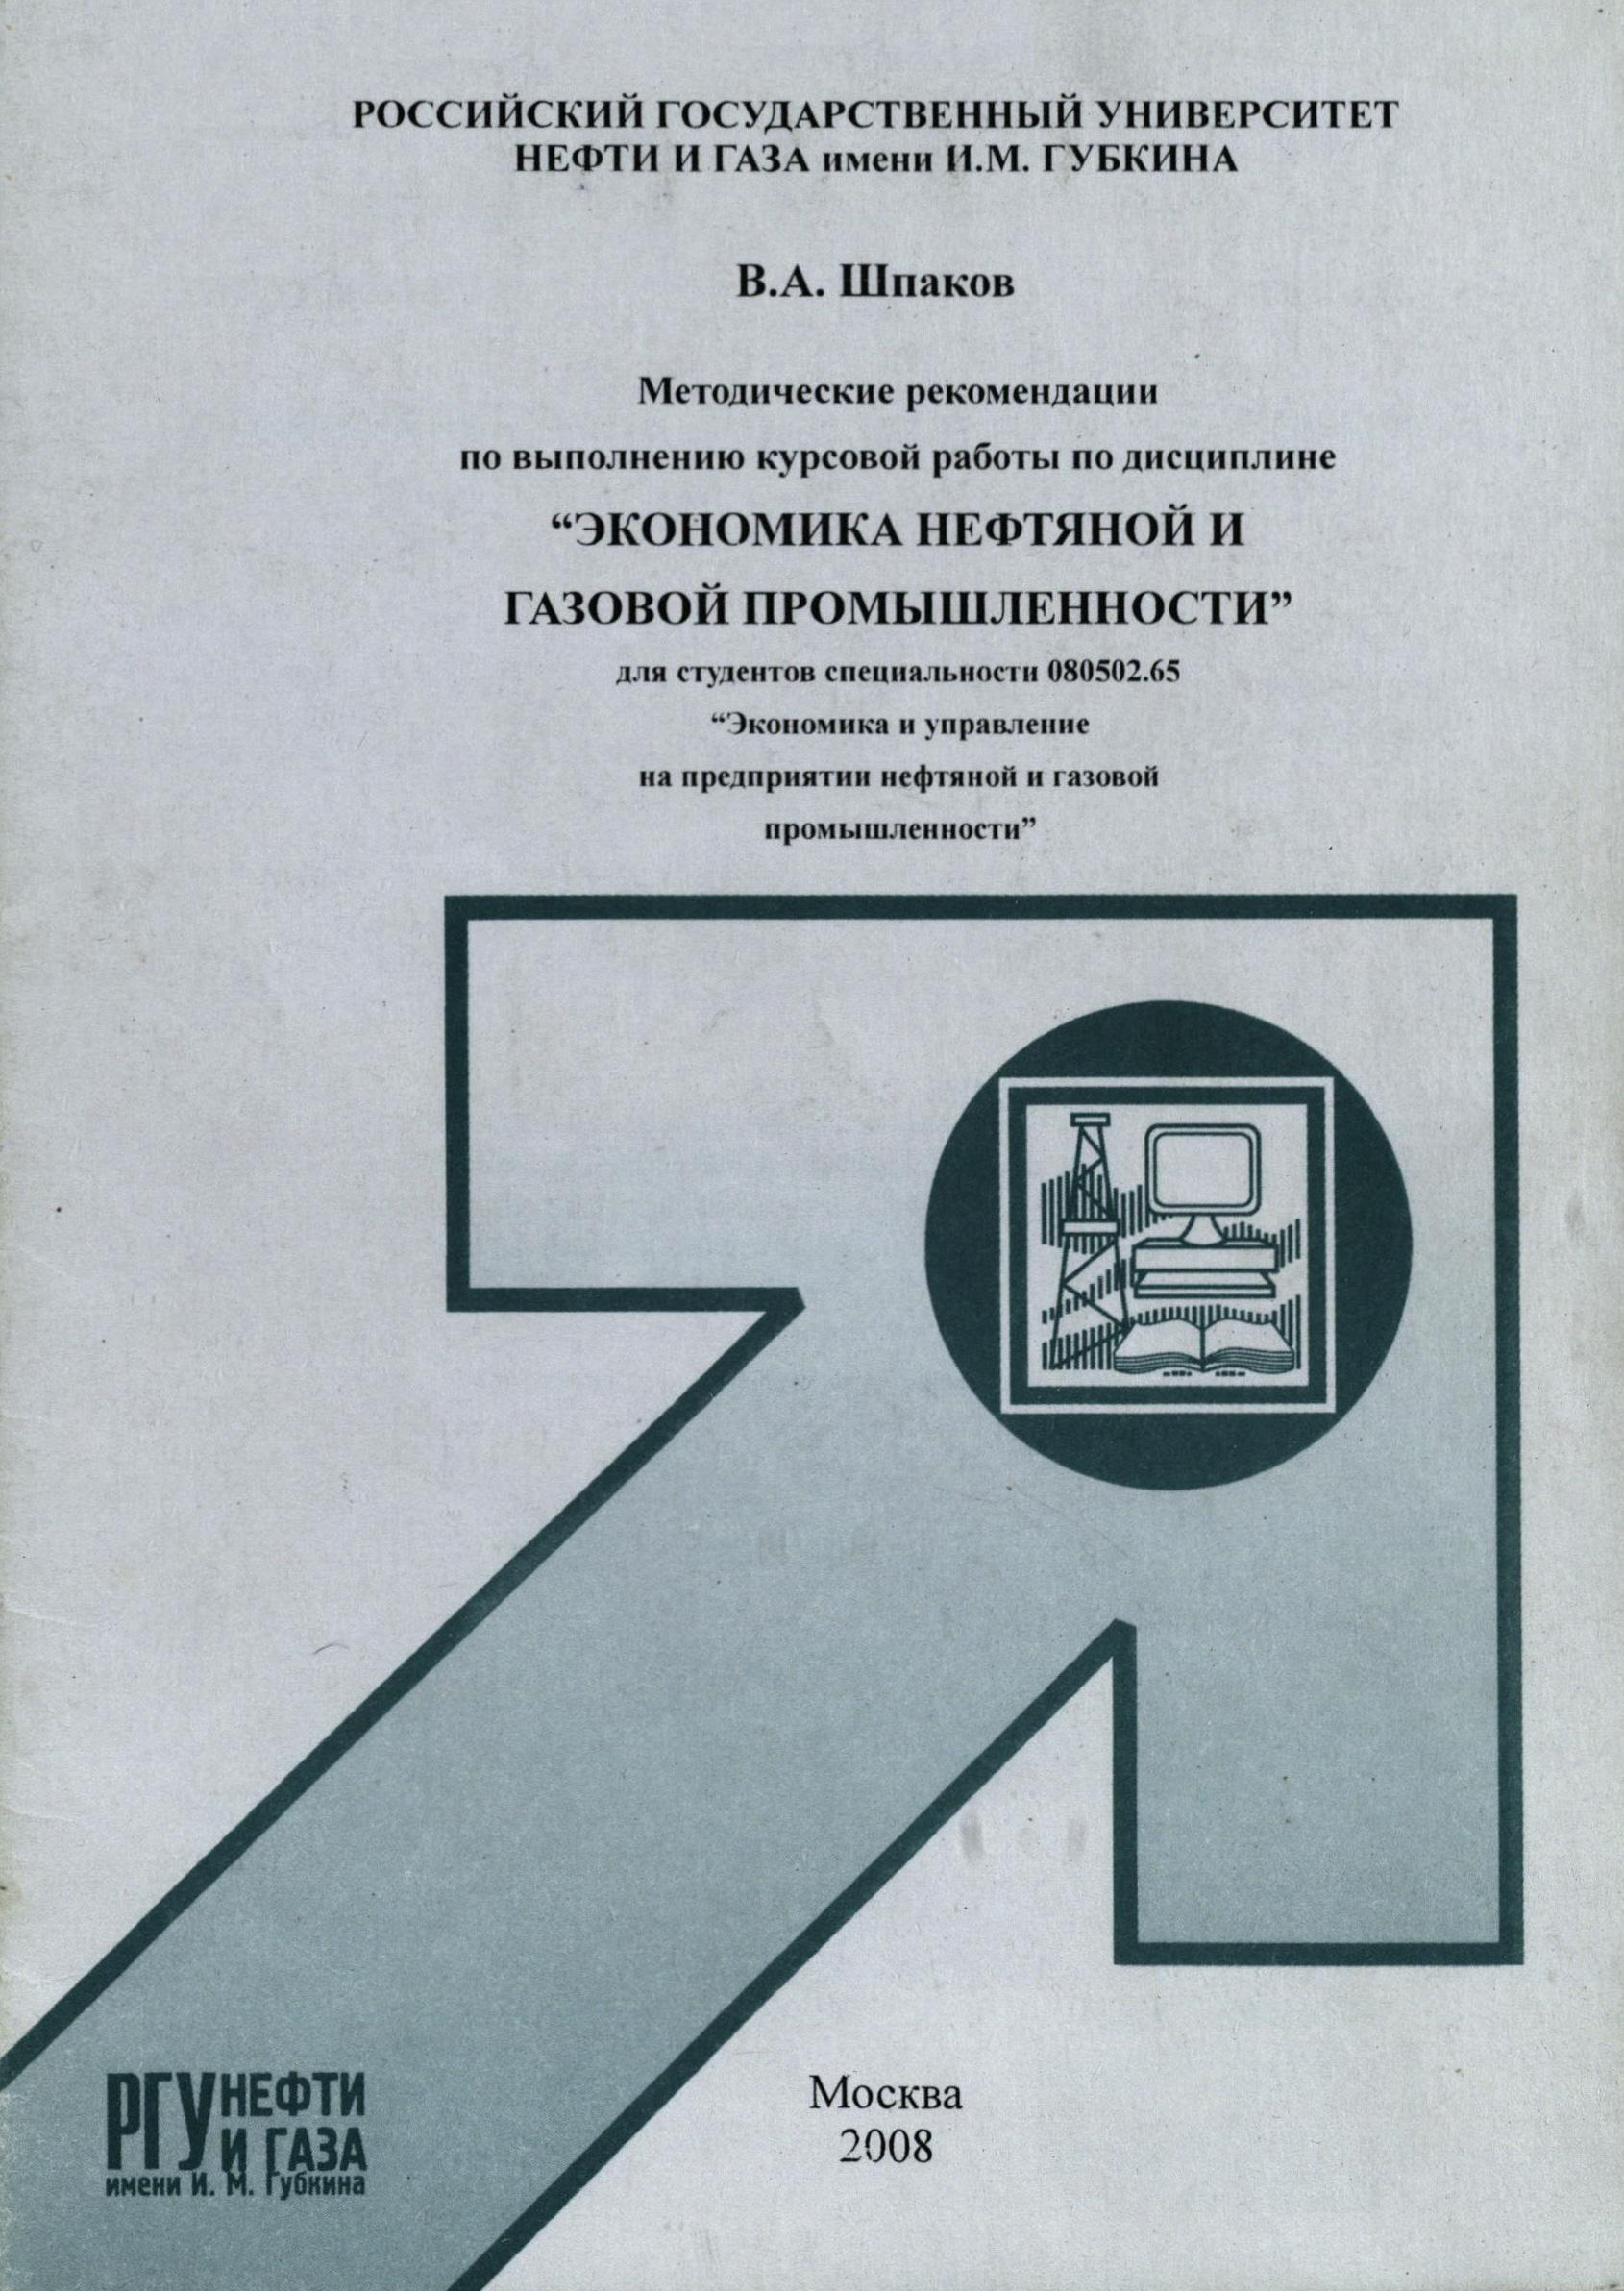 Методические рекомендации по выполнению курсовой работы по  Методические рекомендации по выполнению курсовой работы по дисциплине Экономика нефтяной и газовой промышленности